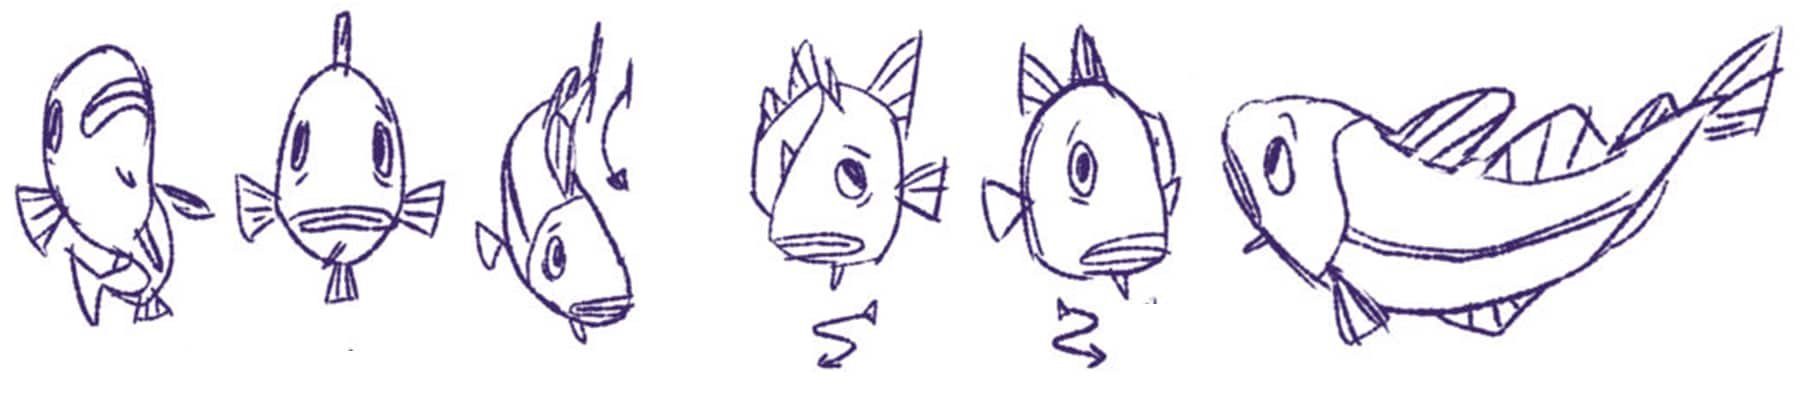 Fish WWF